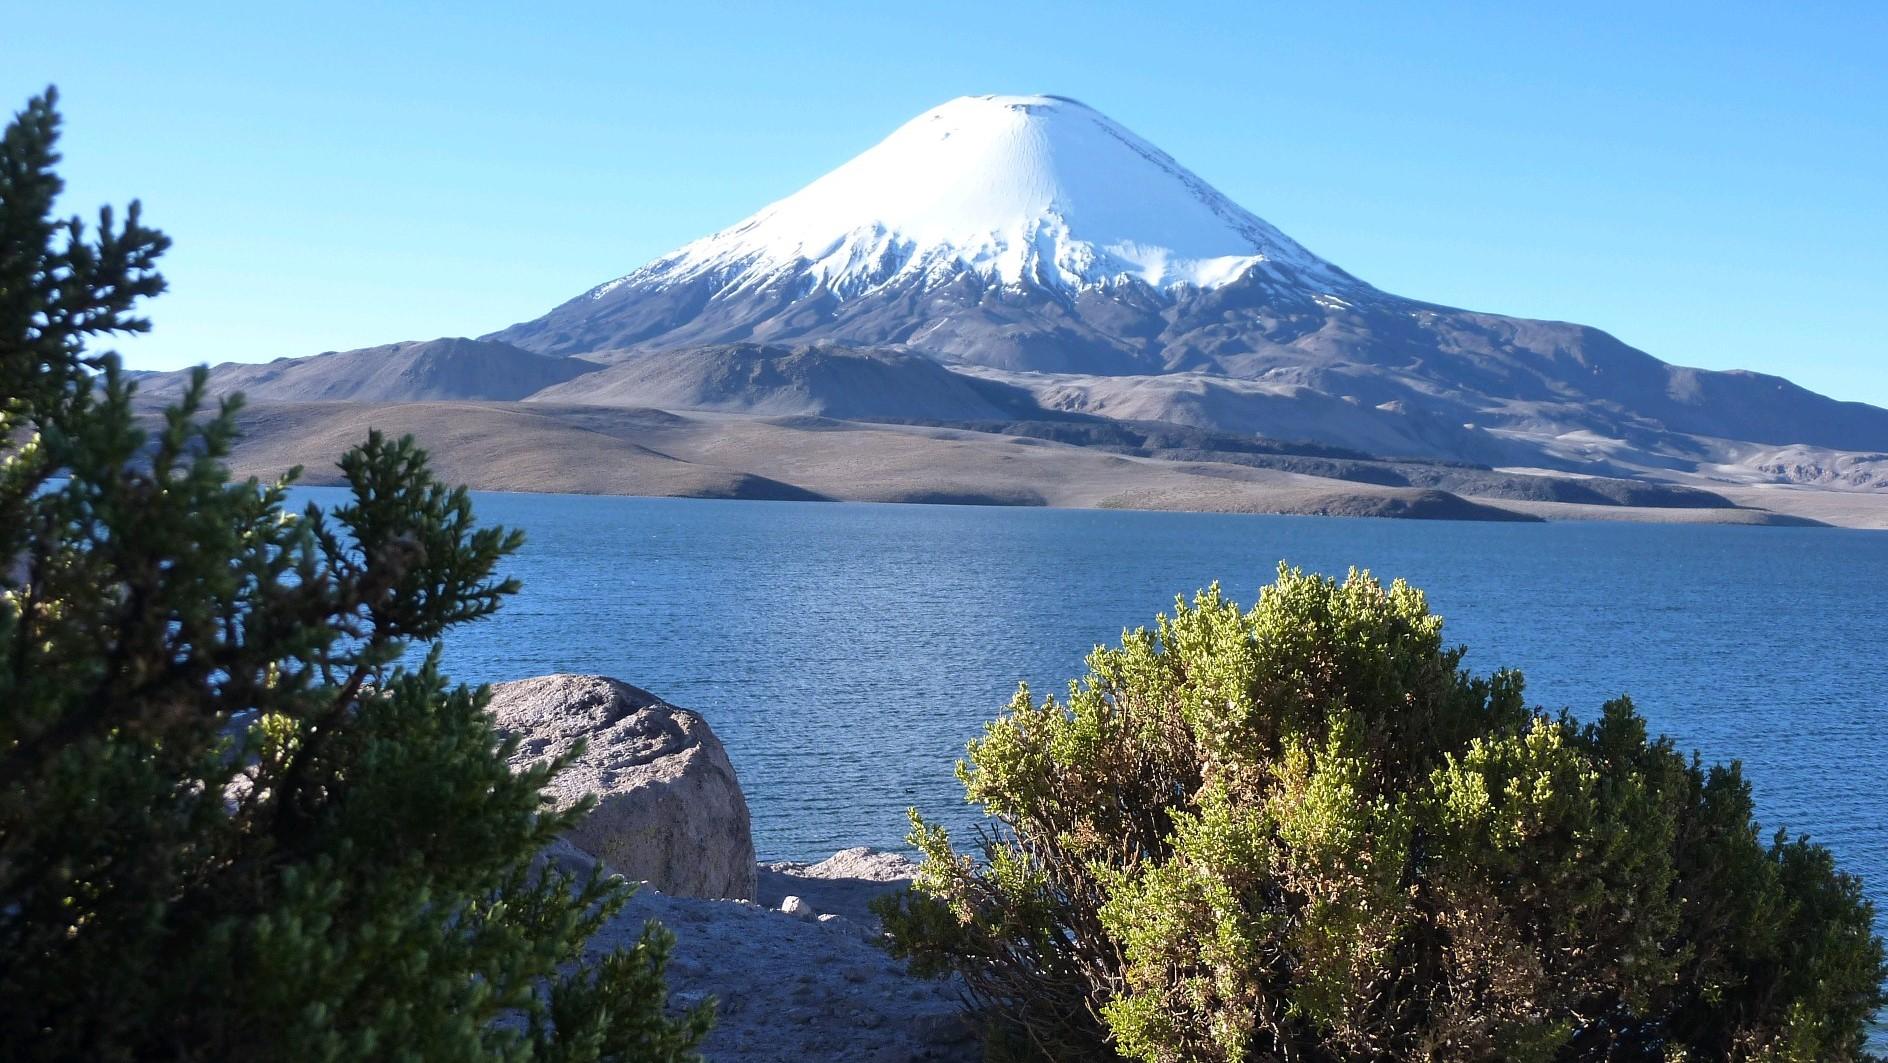 Tambo Chile 2009-06-16_17-50-50